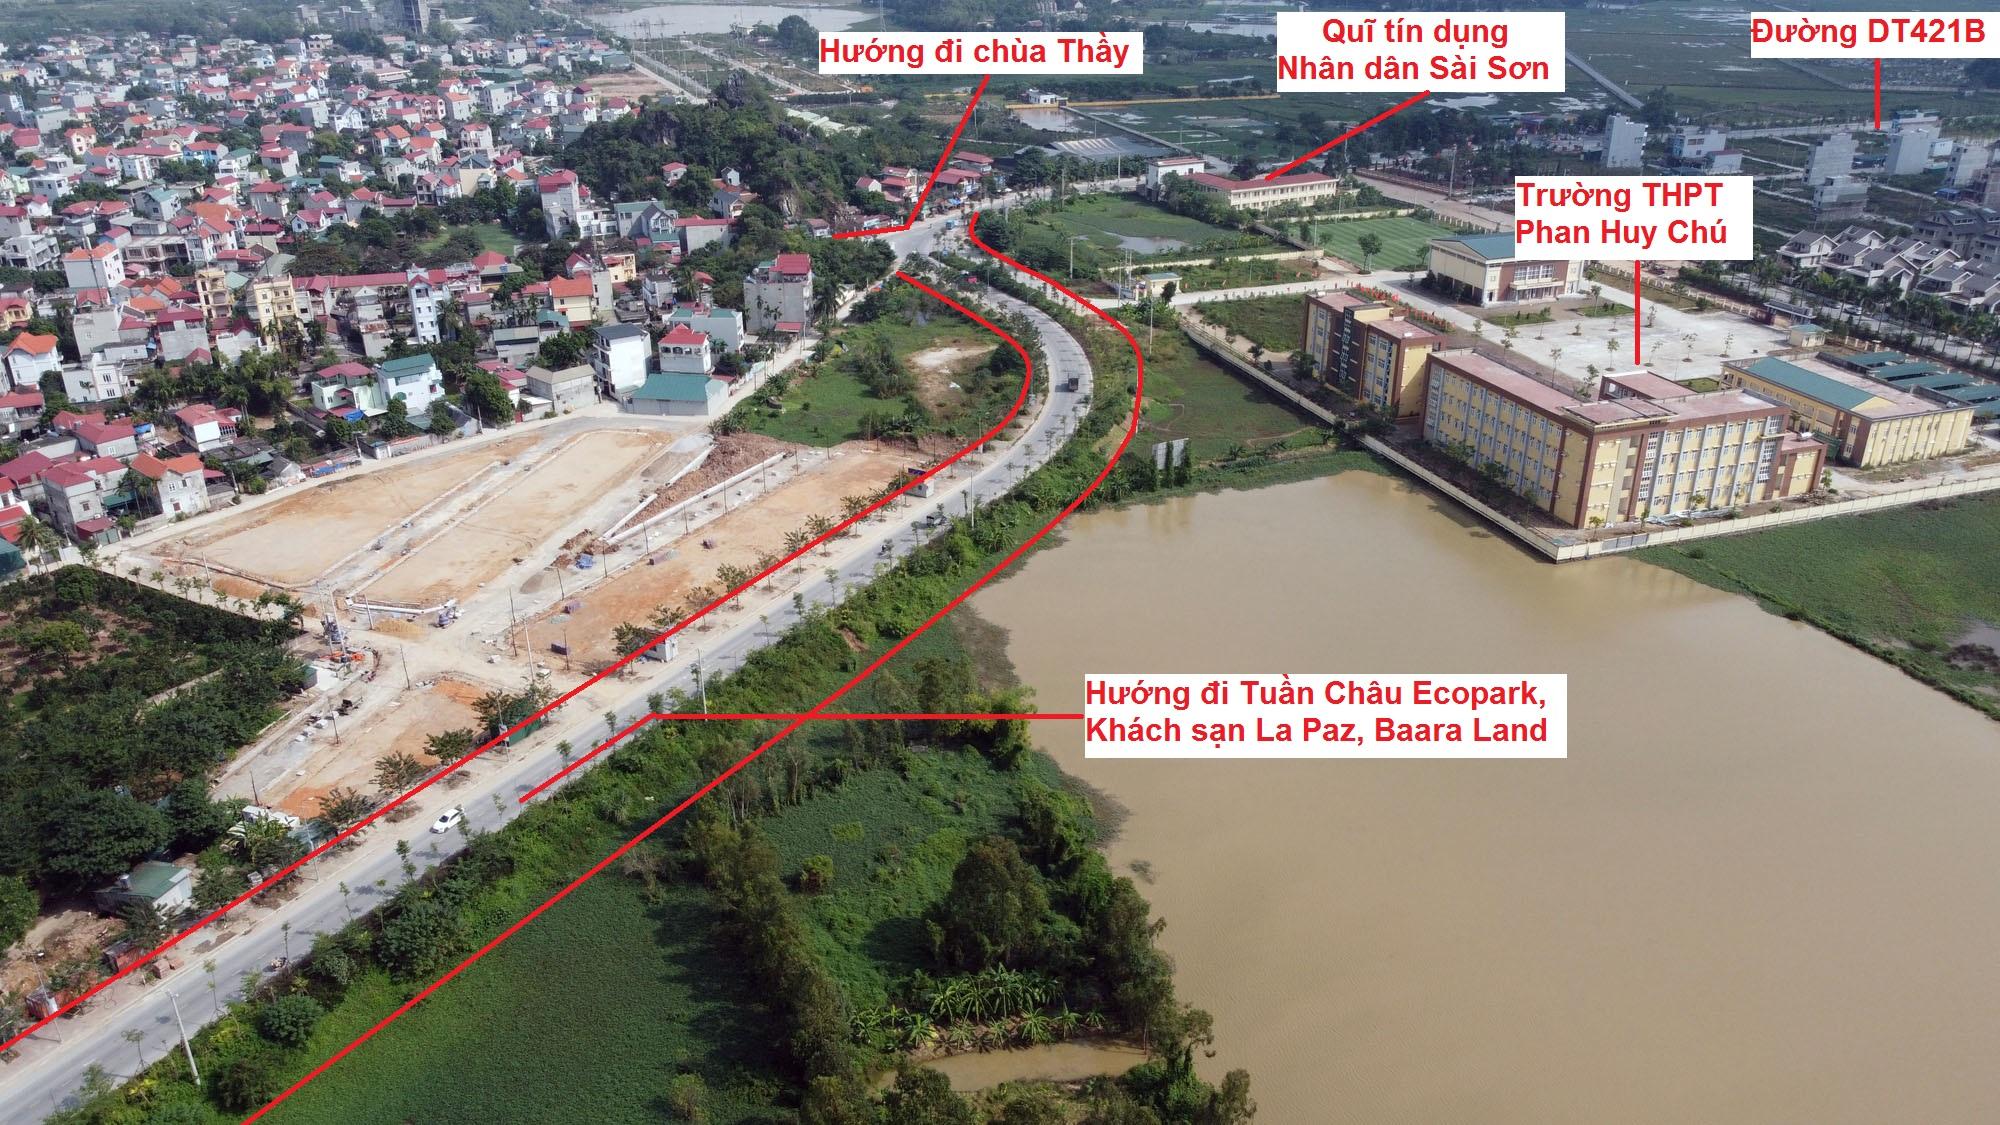 Ba đường sẽ mở theo qui hoạch ở xã Sài Sơn, Quốc Oai, Hà Nội - Ảnh 3.